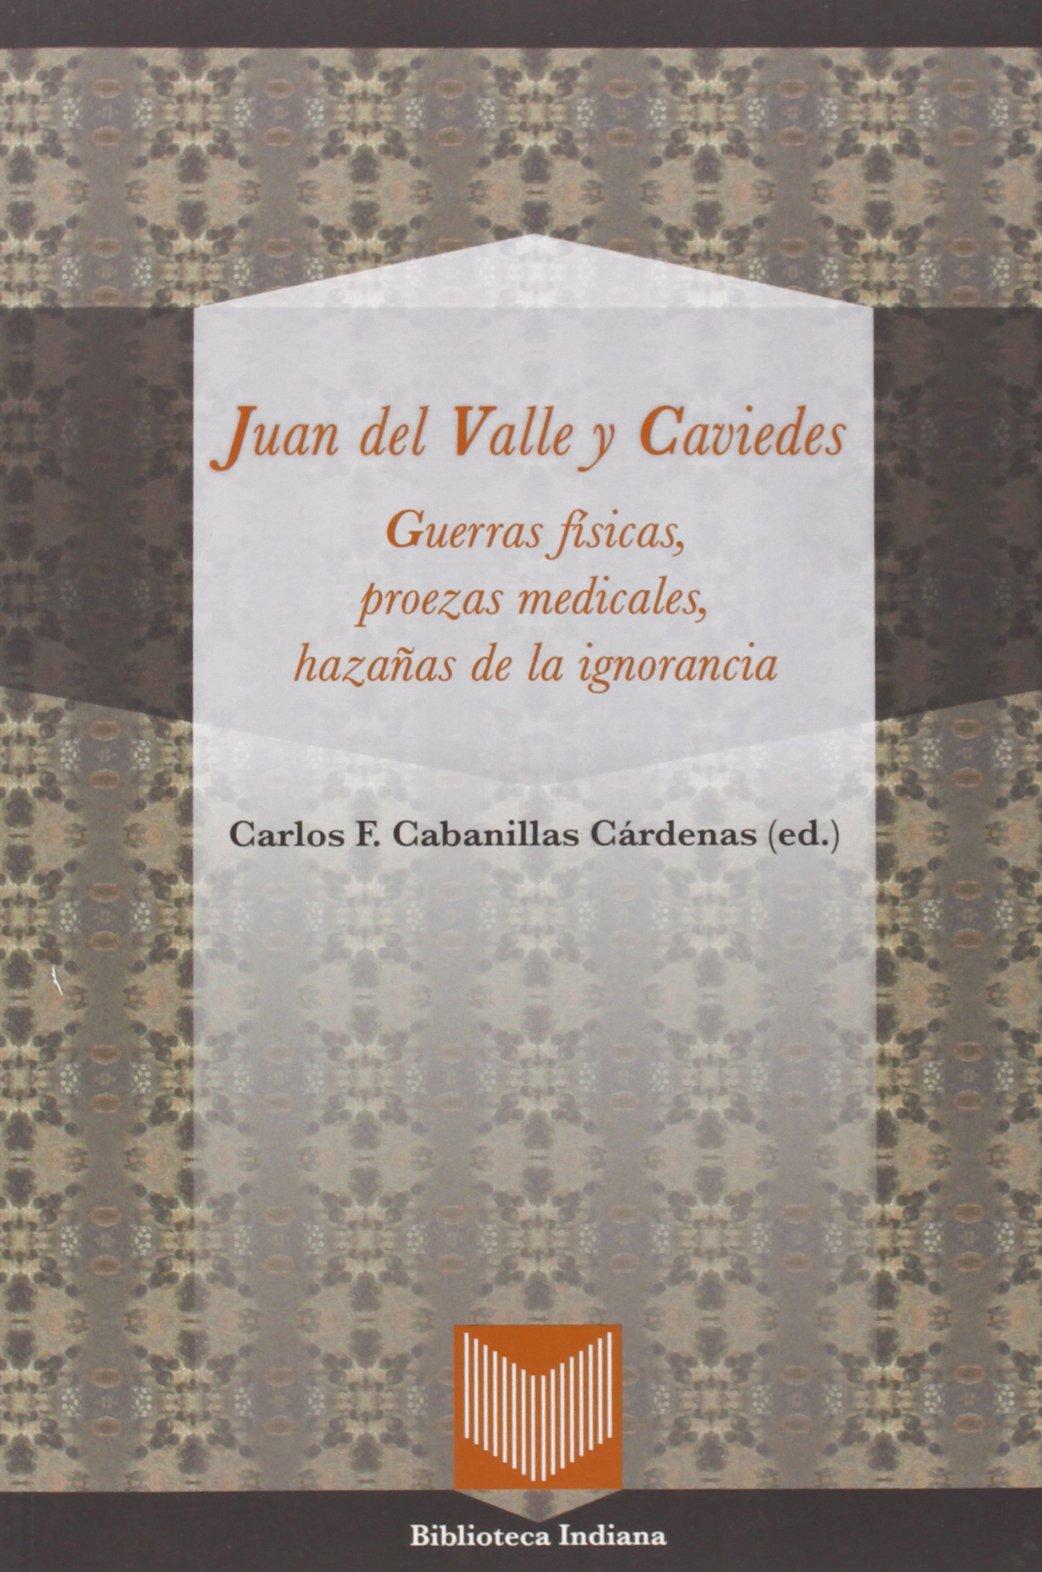 Read Online Guerras físicas, proezas medicales y hazañas de la ignorancia. Ed. de Carlos F. Cabanillas Cárdenas. (Spanish Edition) pdf epub